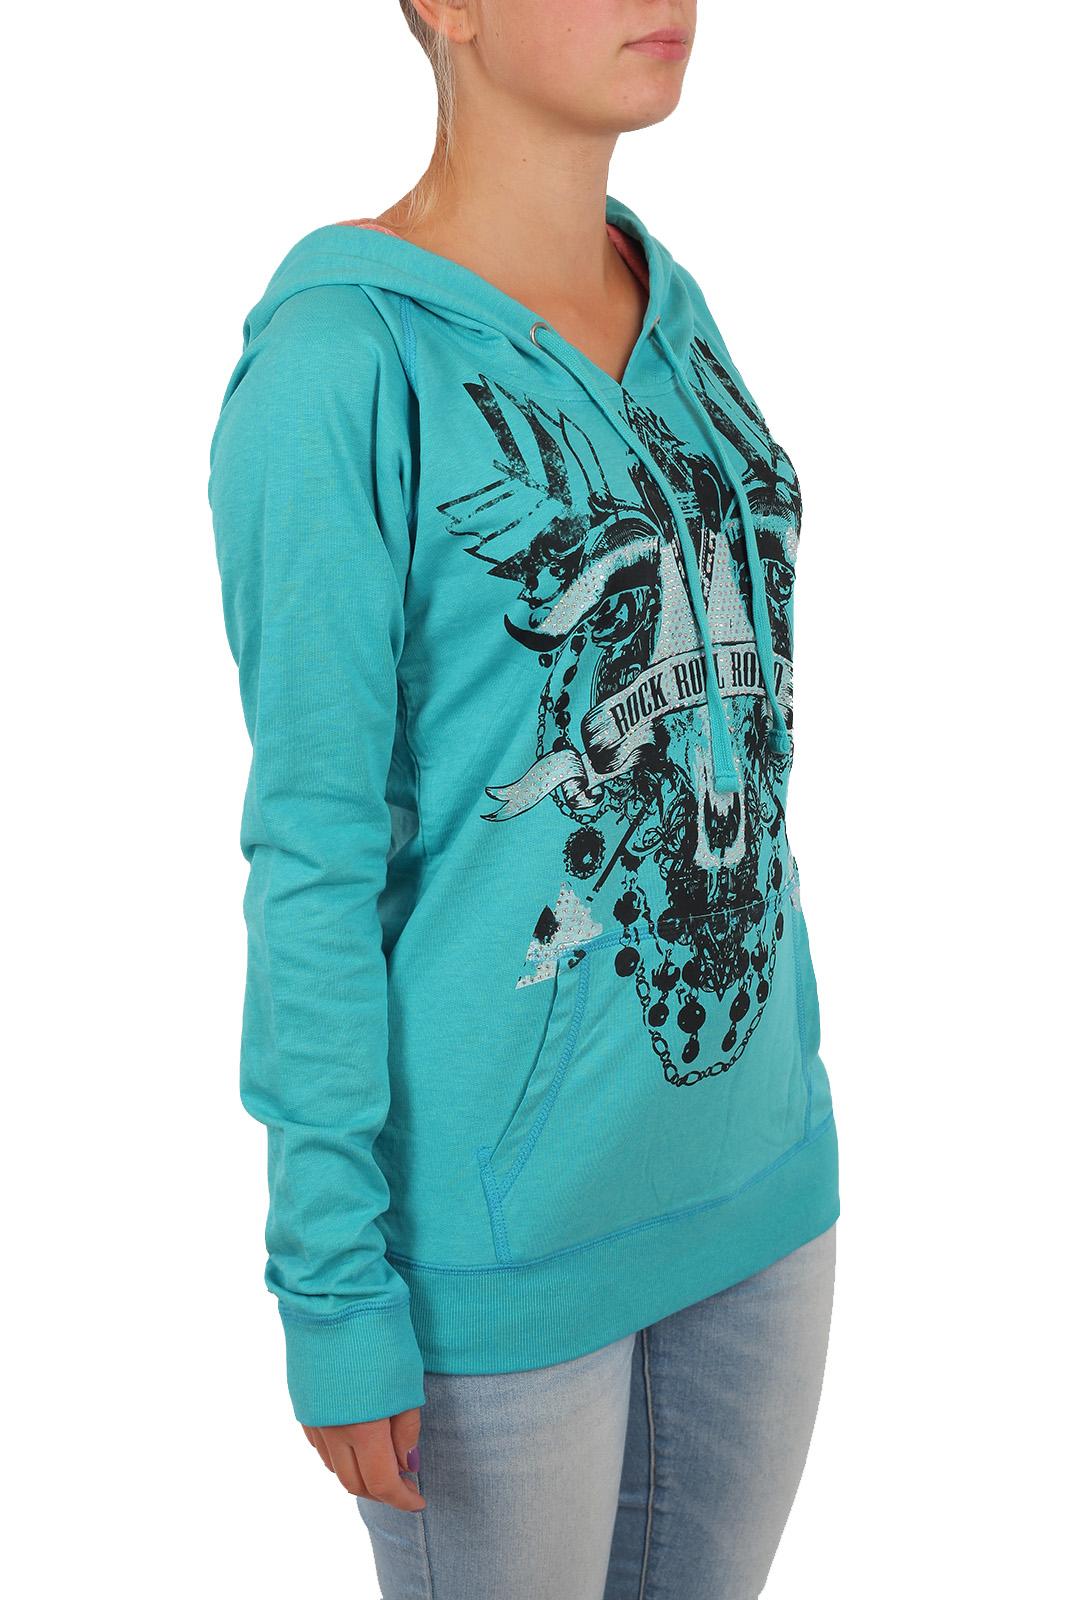 Женская толстовка кенгуру Rock and Roll Cowgirl. Модель осень-зима. В нашем интернет каталоге вы подберете готовый образ и вкусно сэкономите!